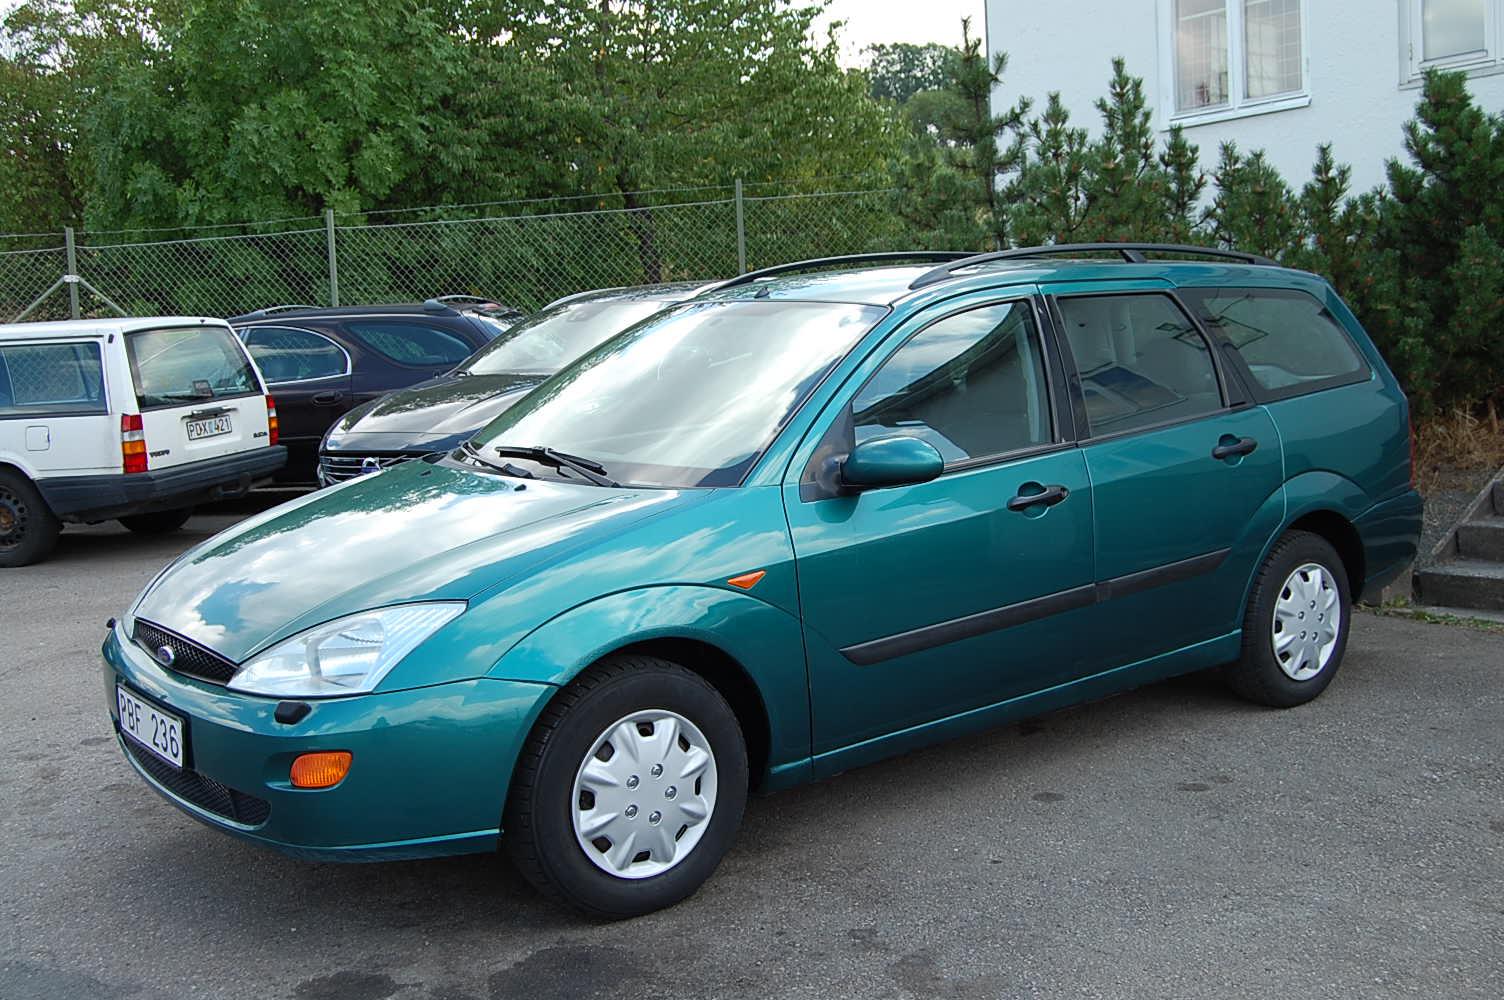 Ford Focus 1.6 -00 metallic grön